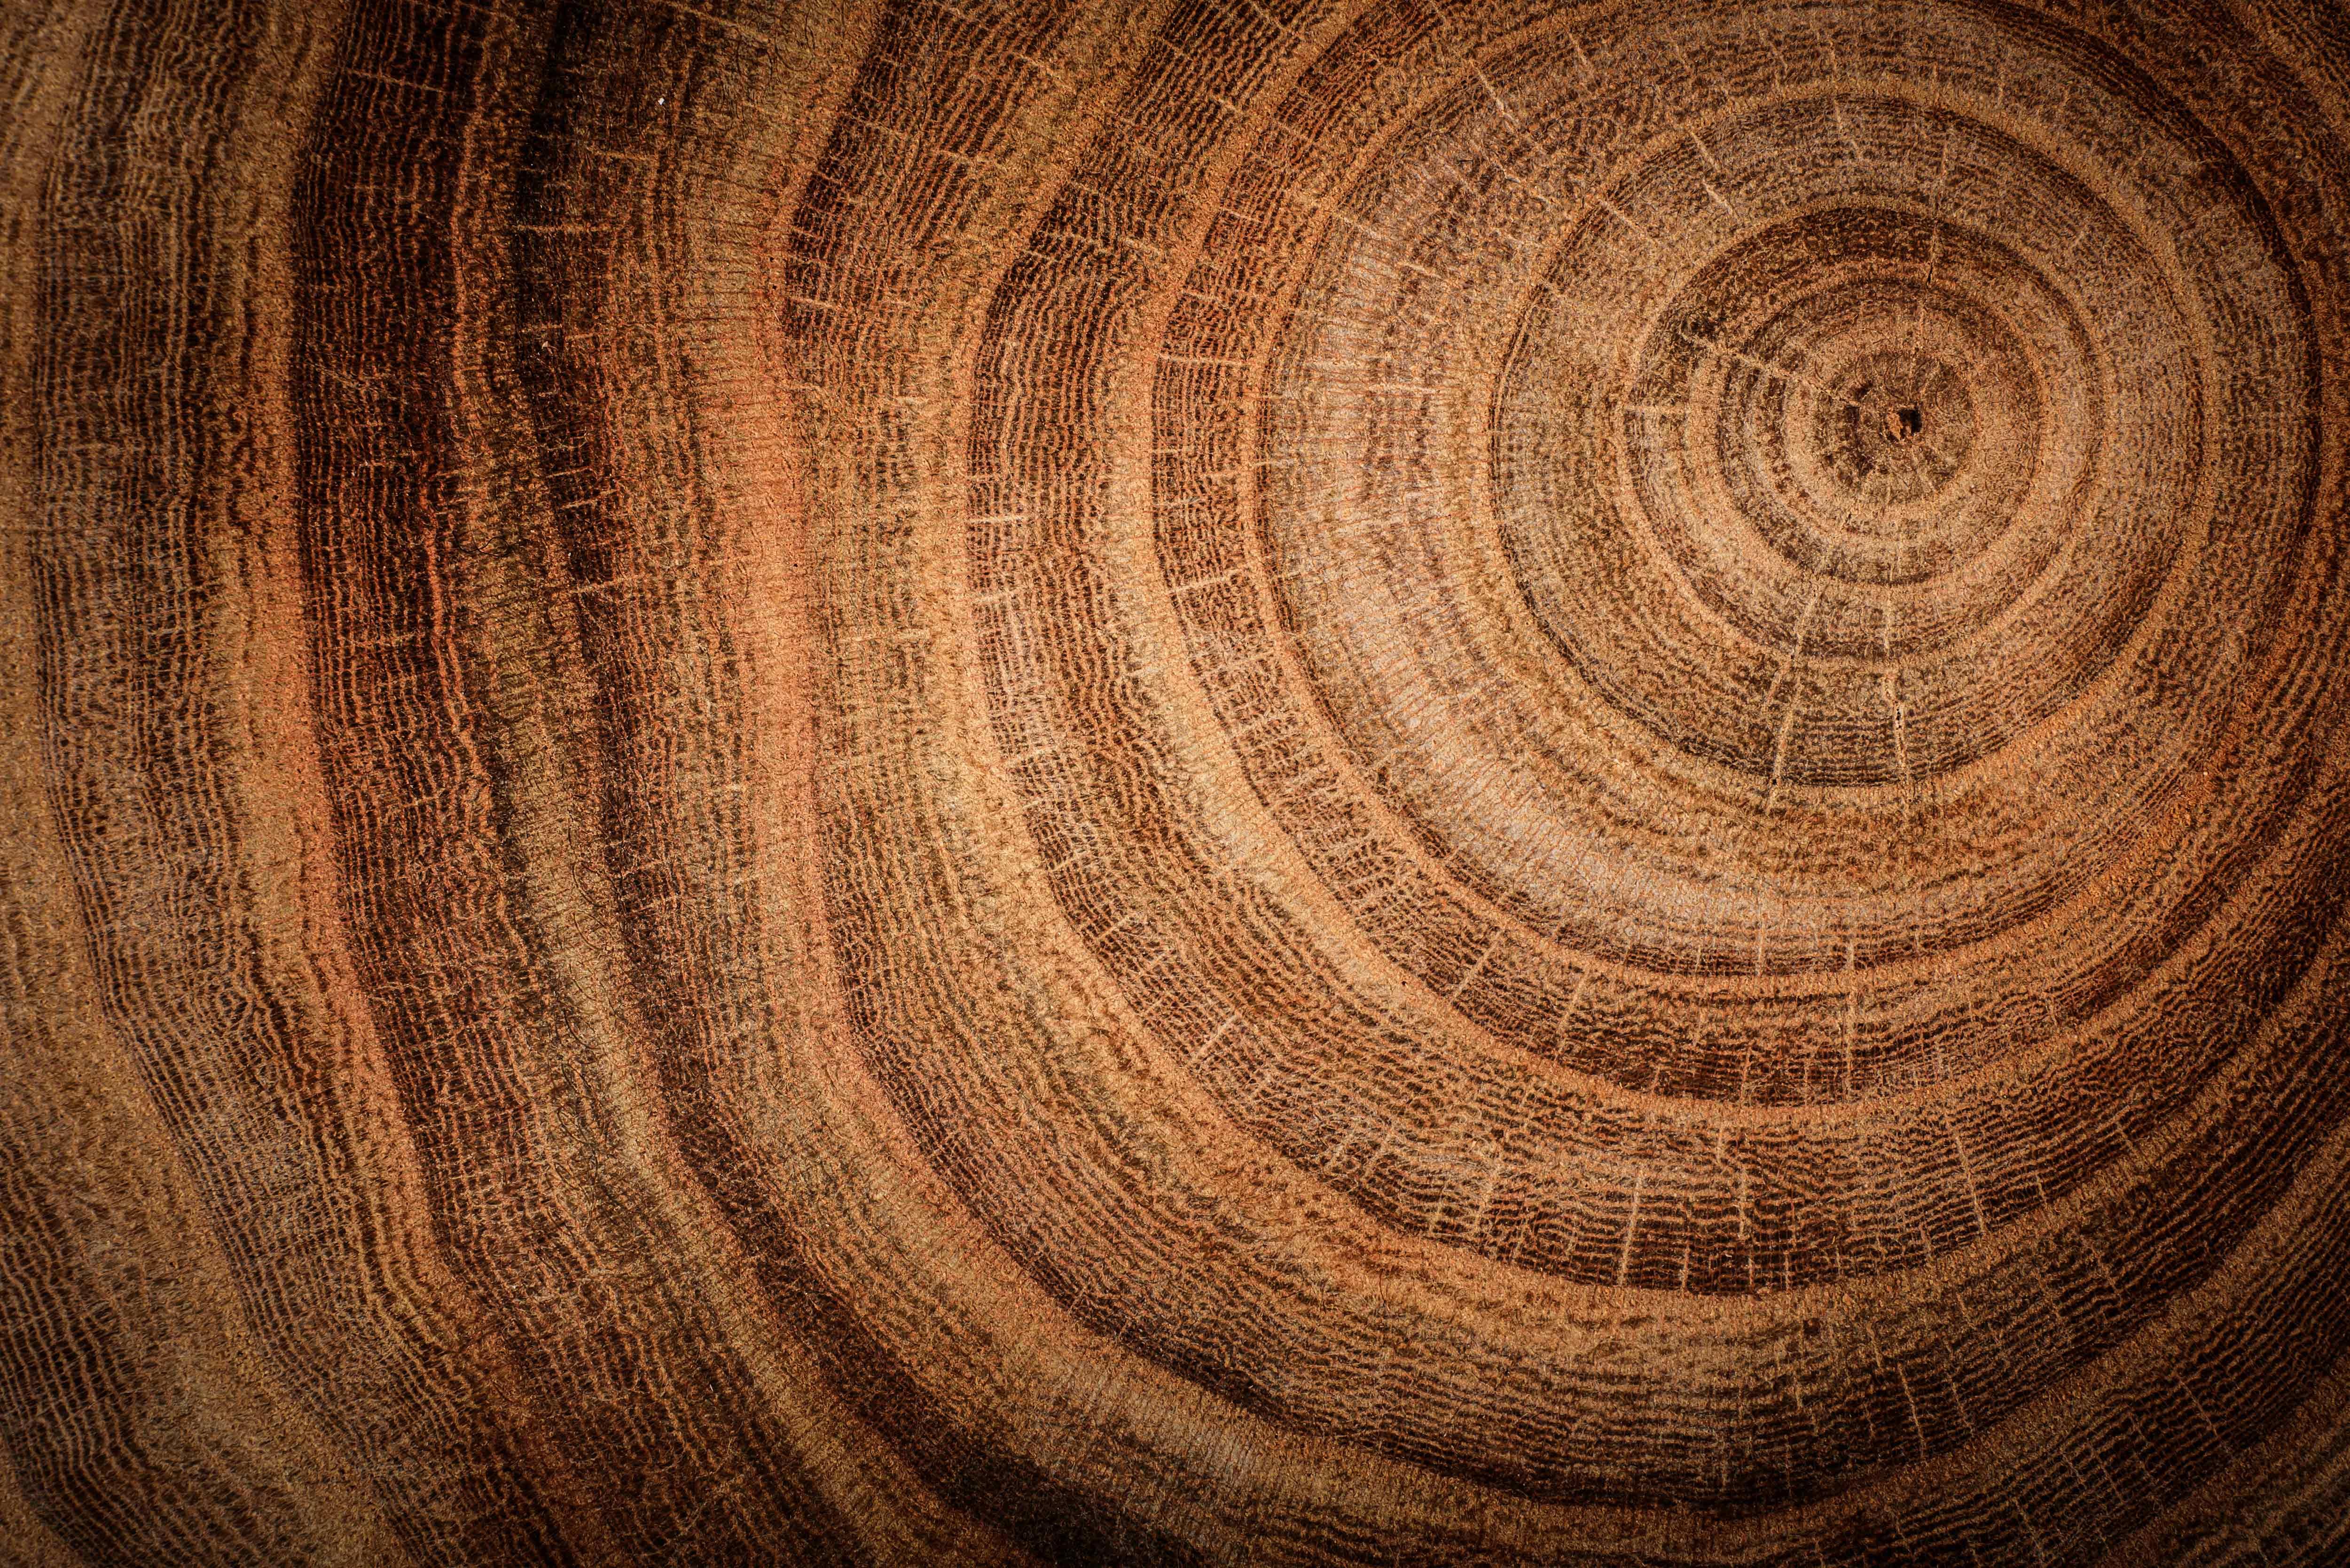 legno - 5 elementi